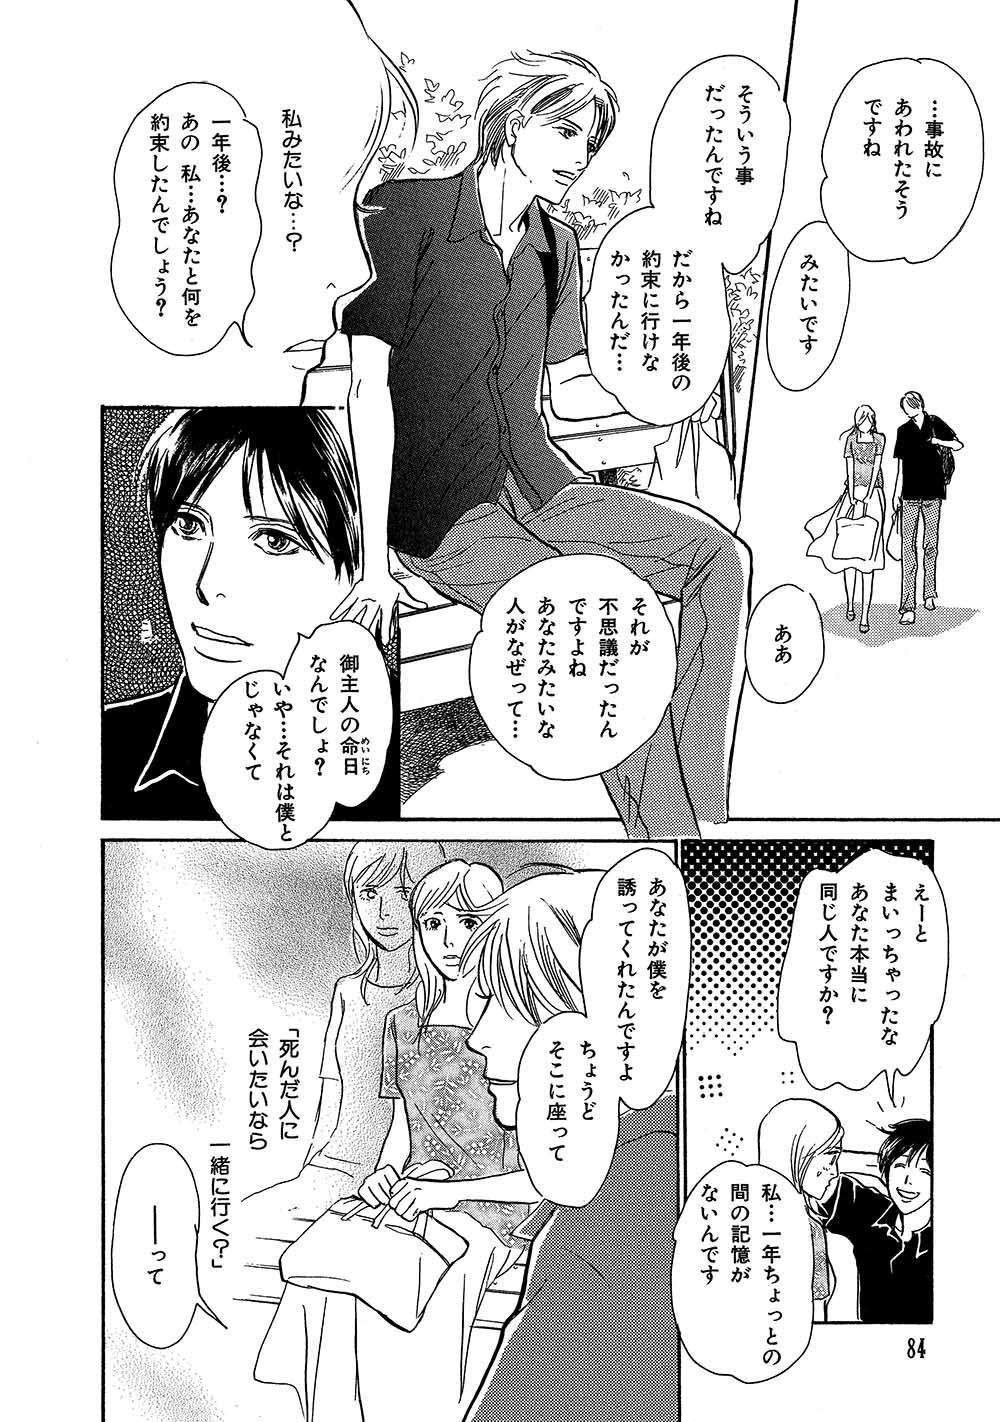 hyakki_0016_0088.jpg